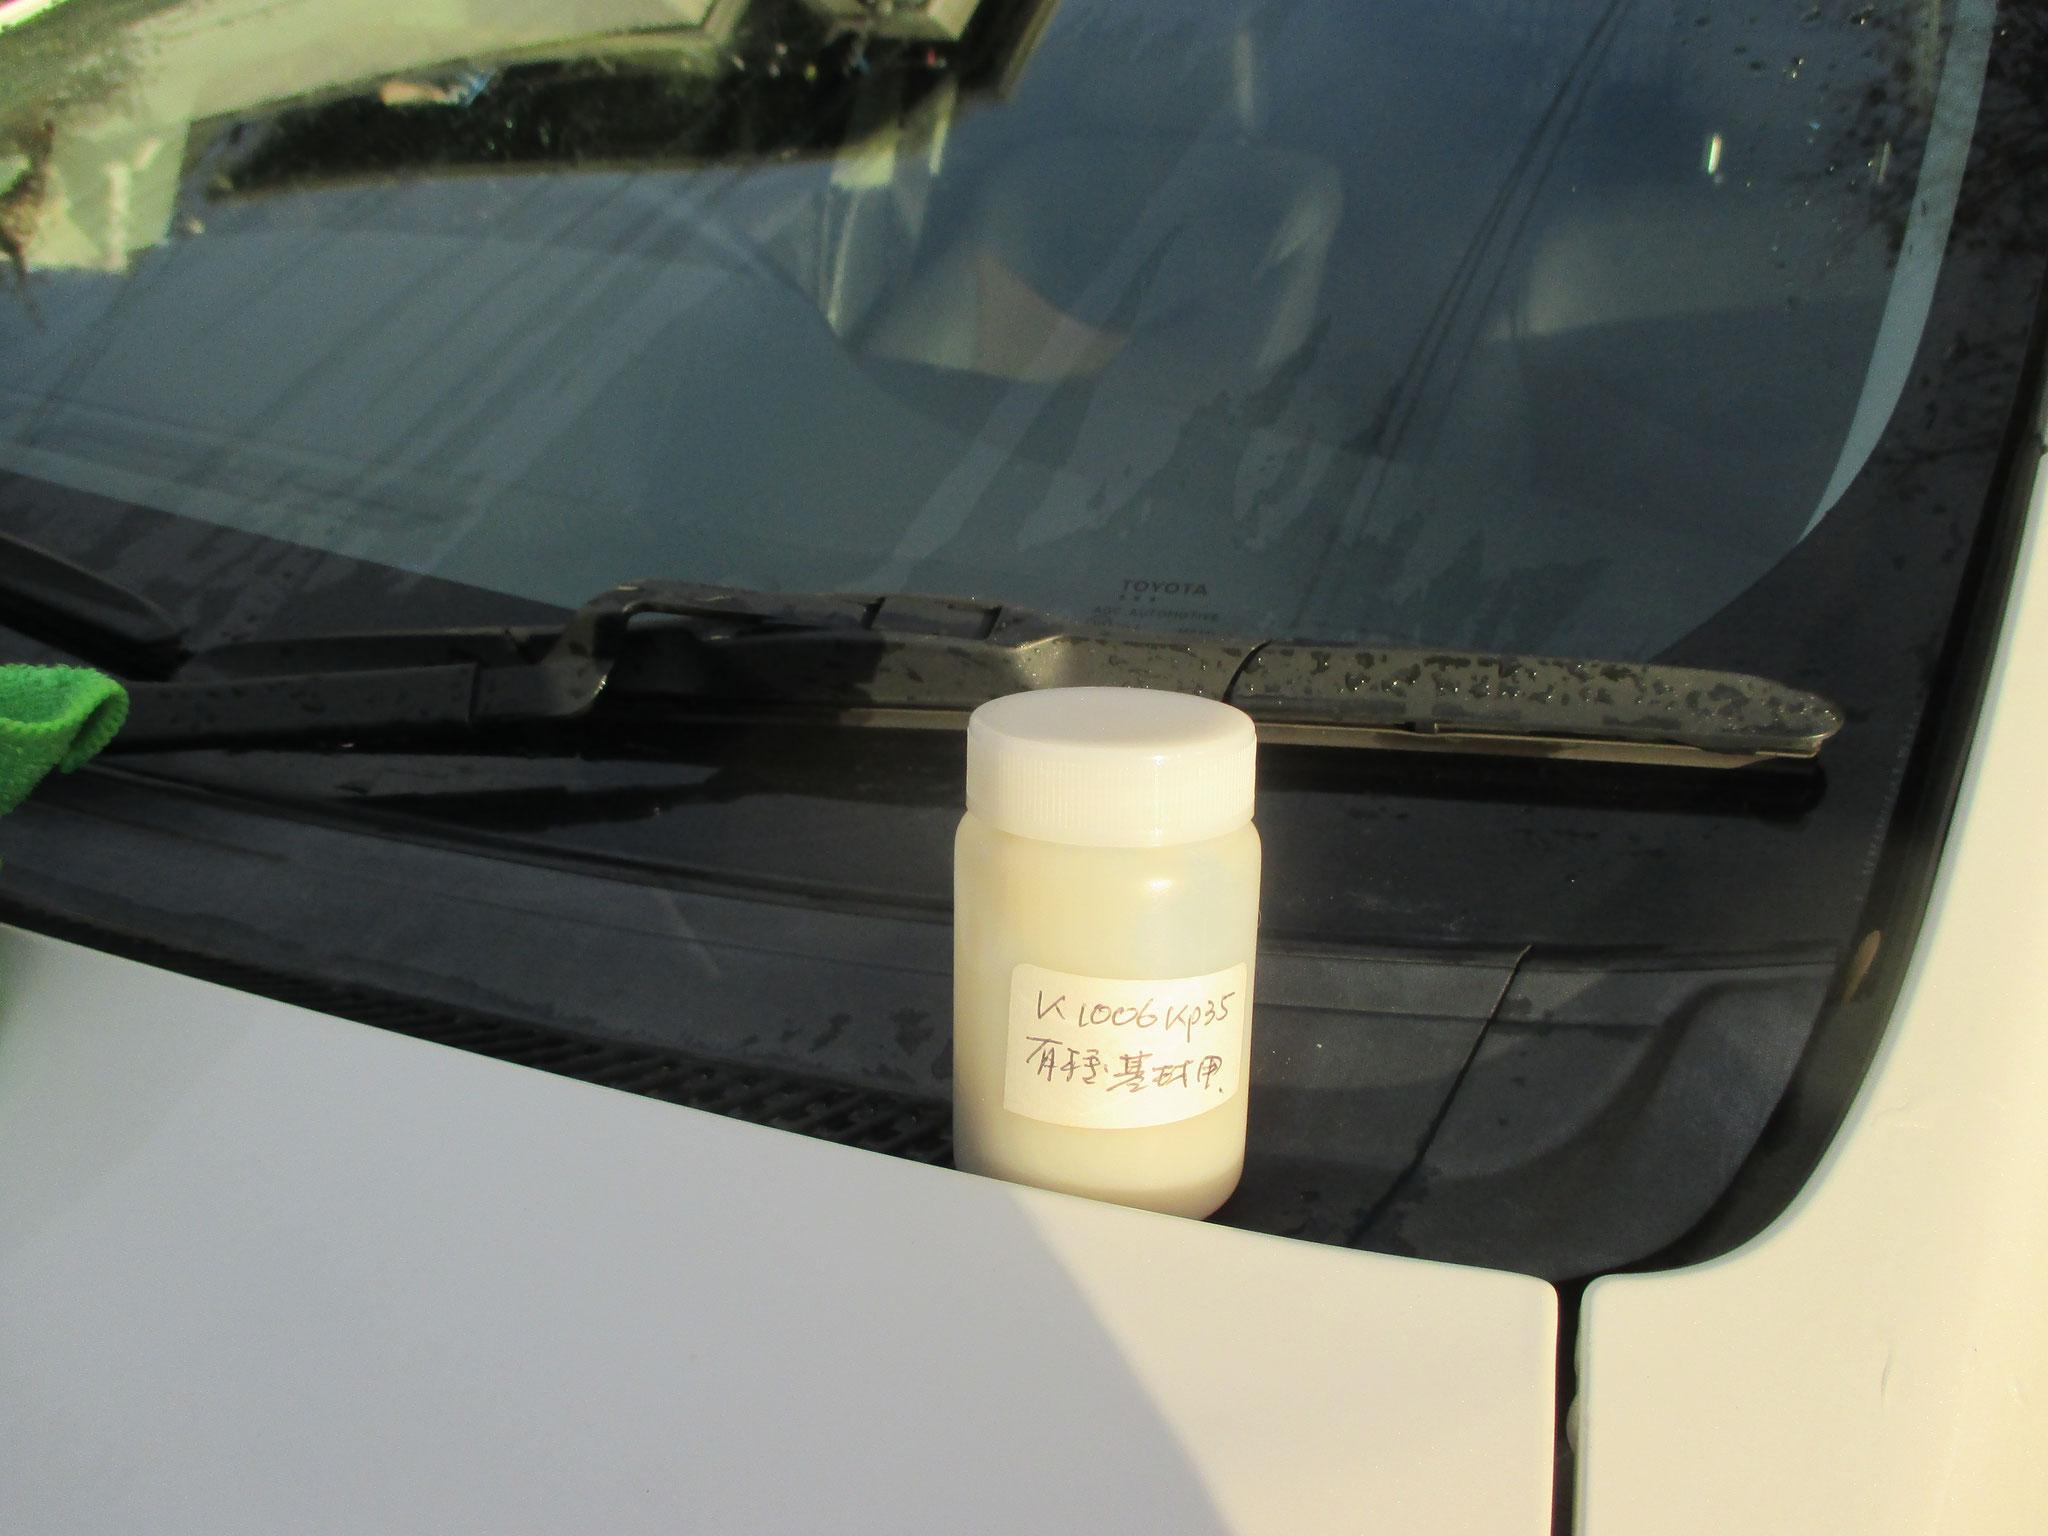 塗布したアドテックコート剤は瓶の3分の2程度使用しました。